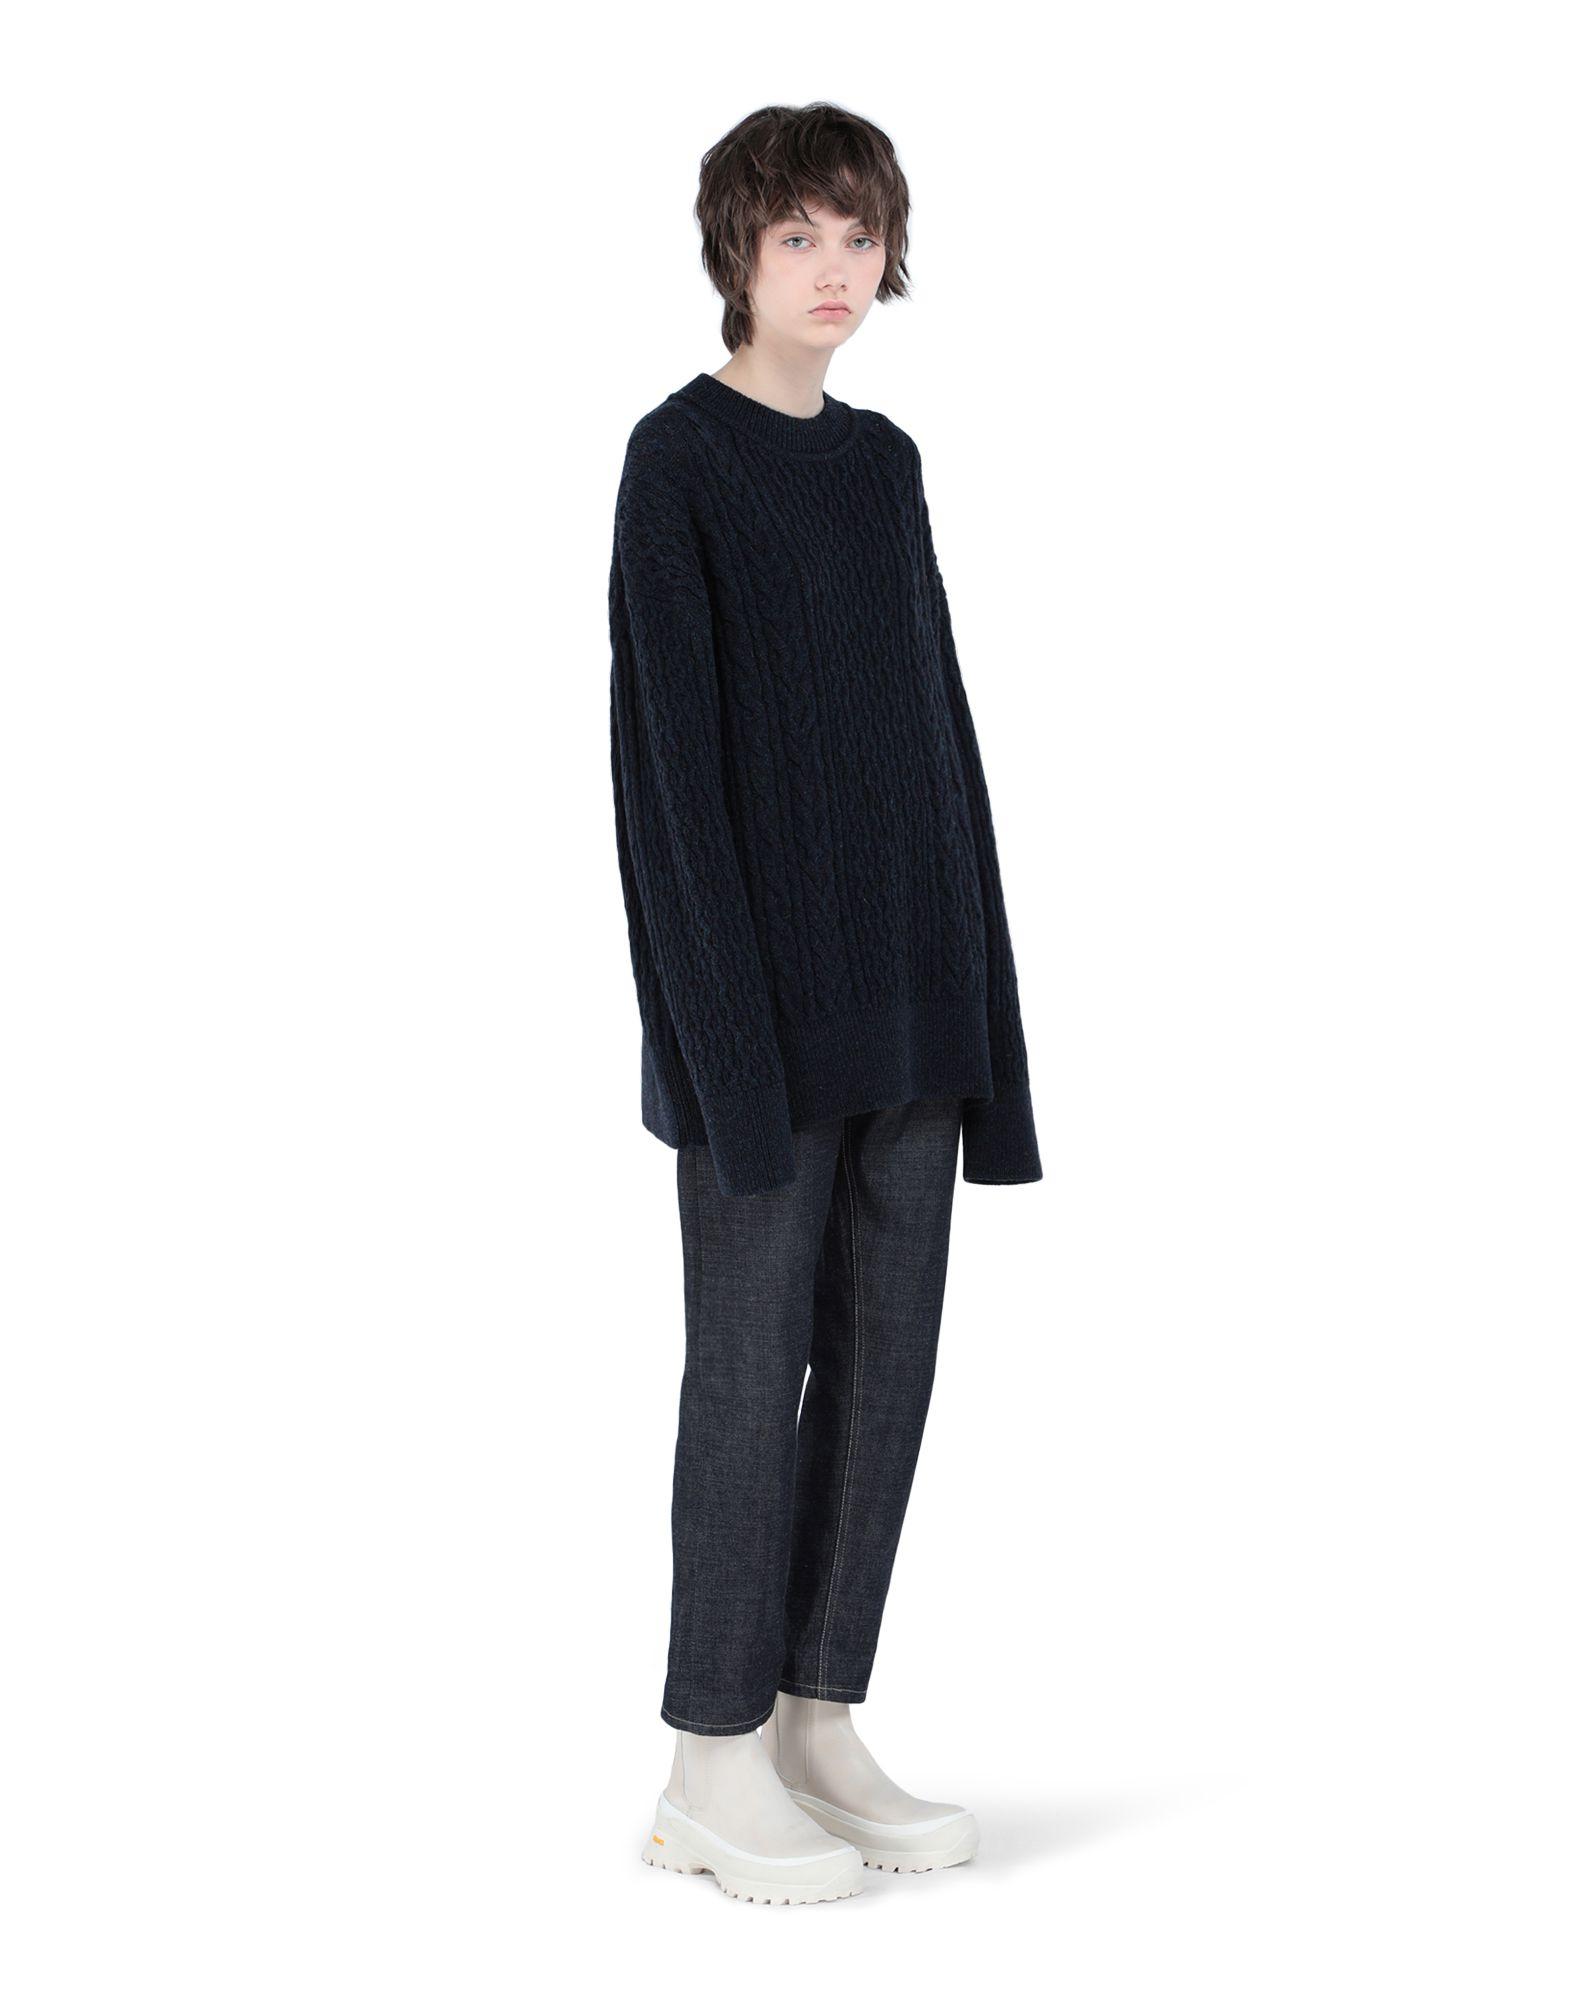 ネックニット - JIL SANDER+ Online Store